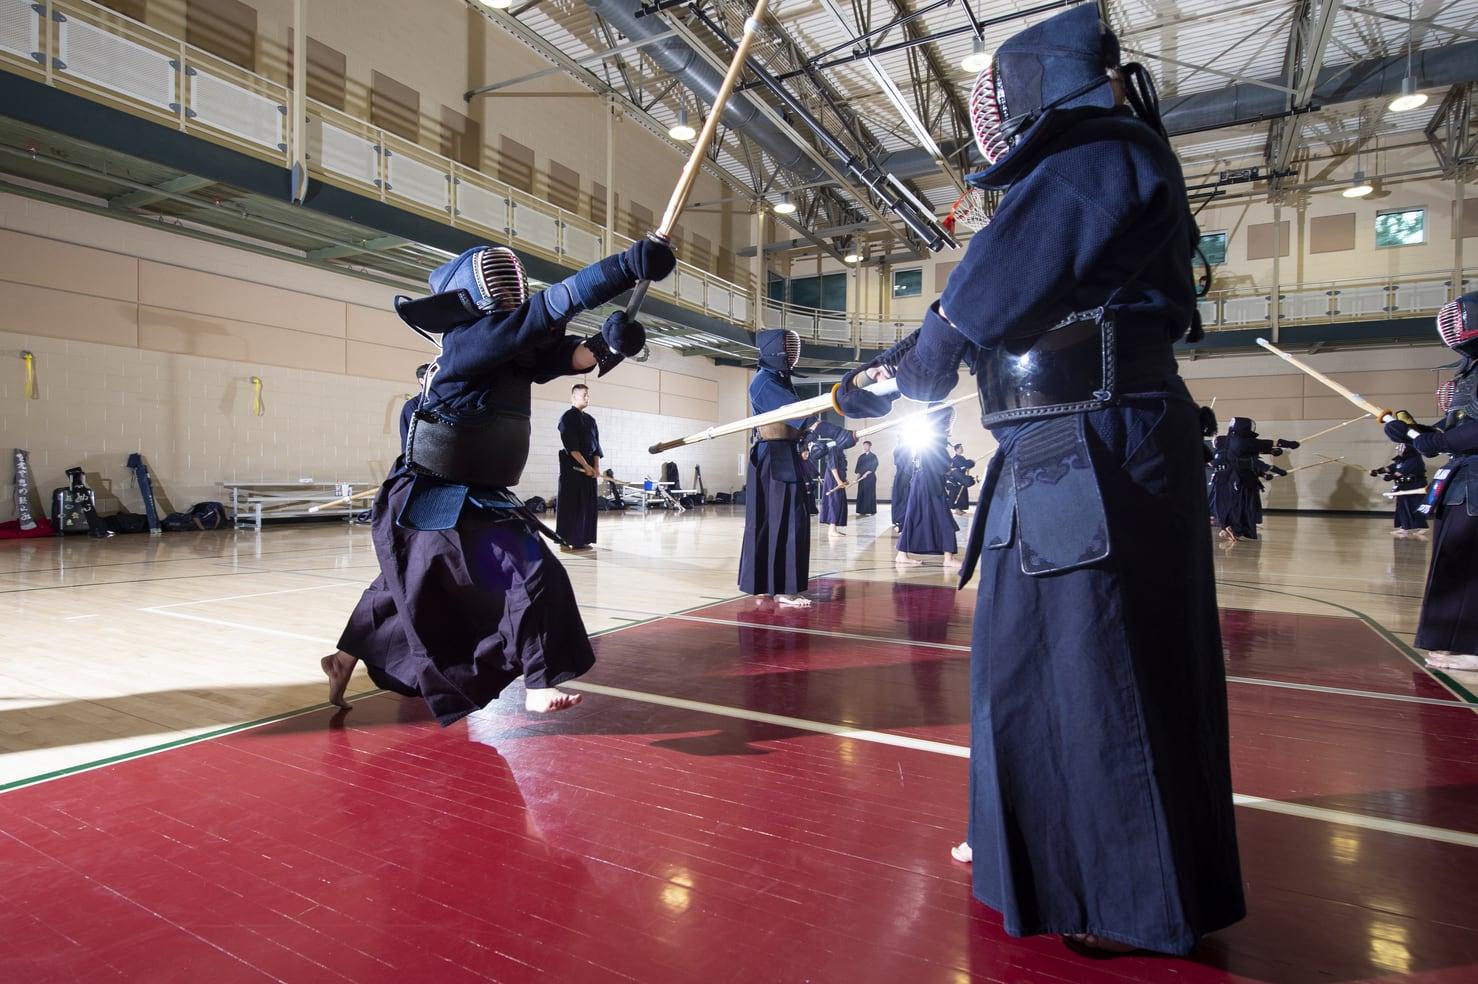 Apinya Premprajak practicing Kendo